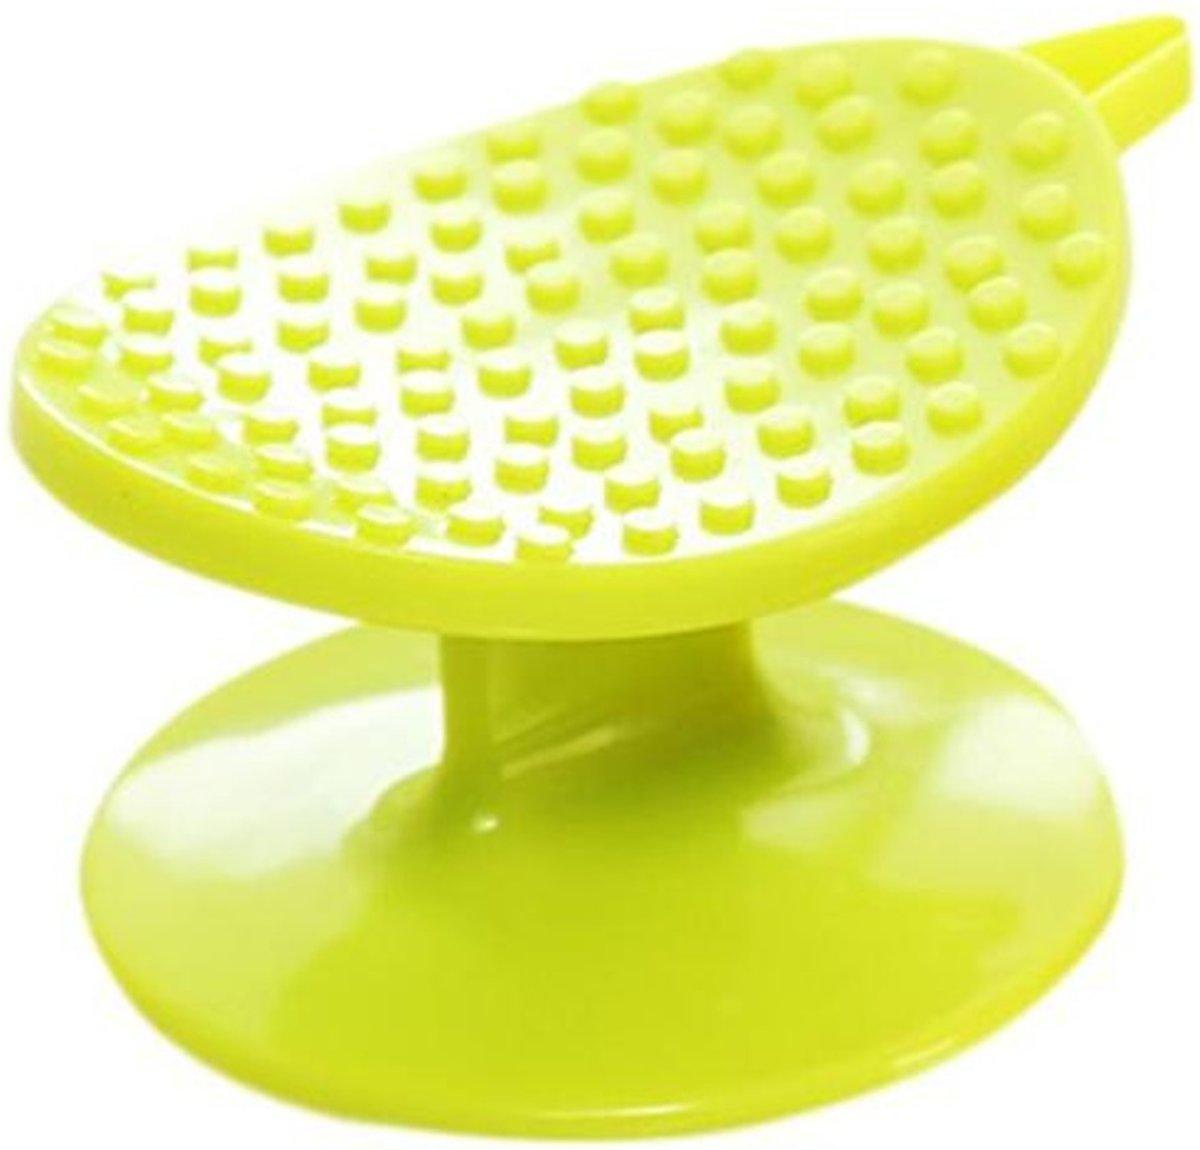 2x Handige aardappelschiller tool kopen